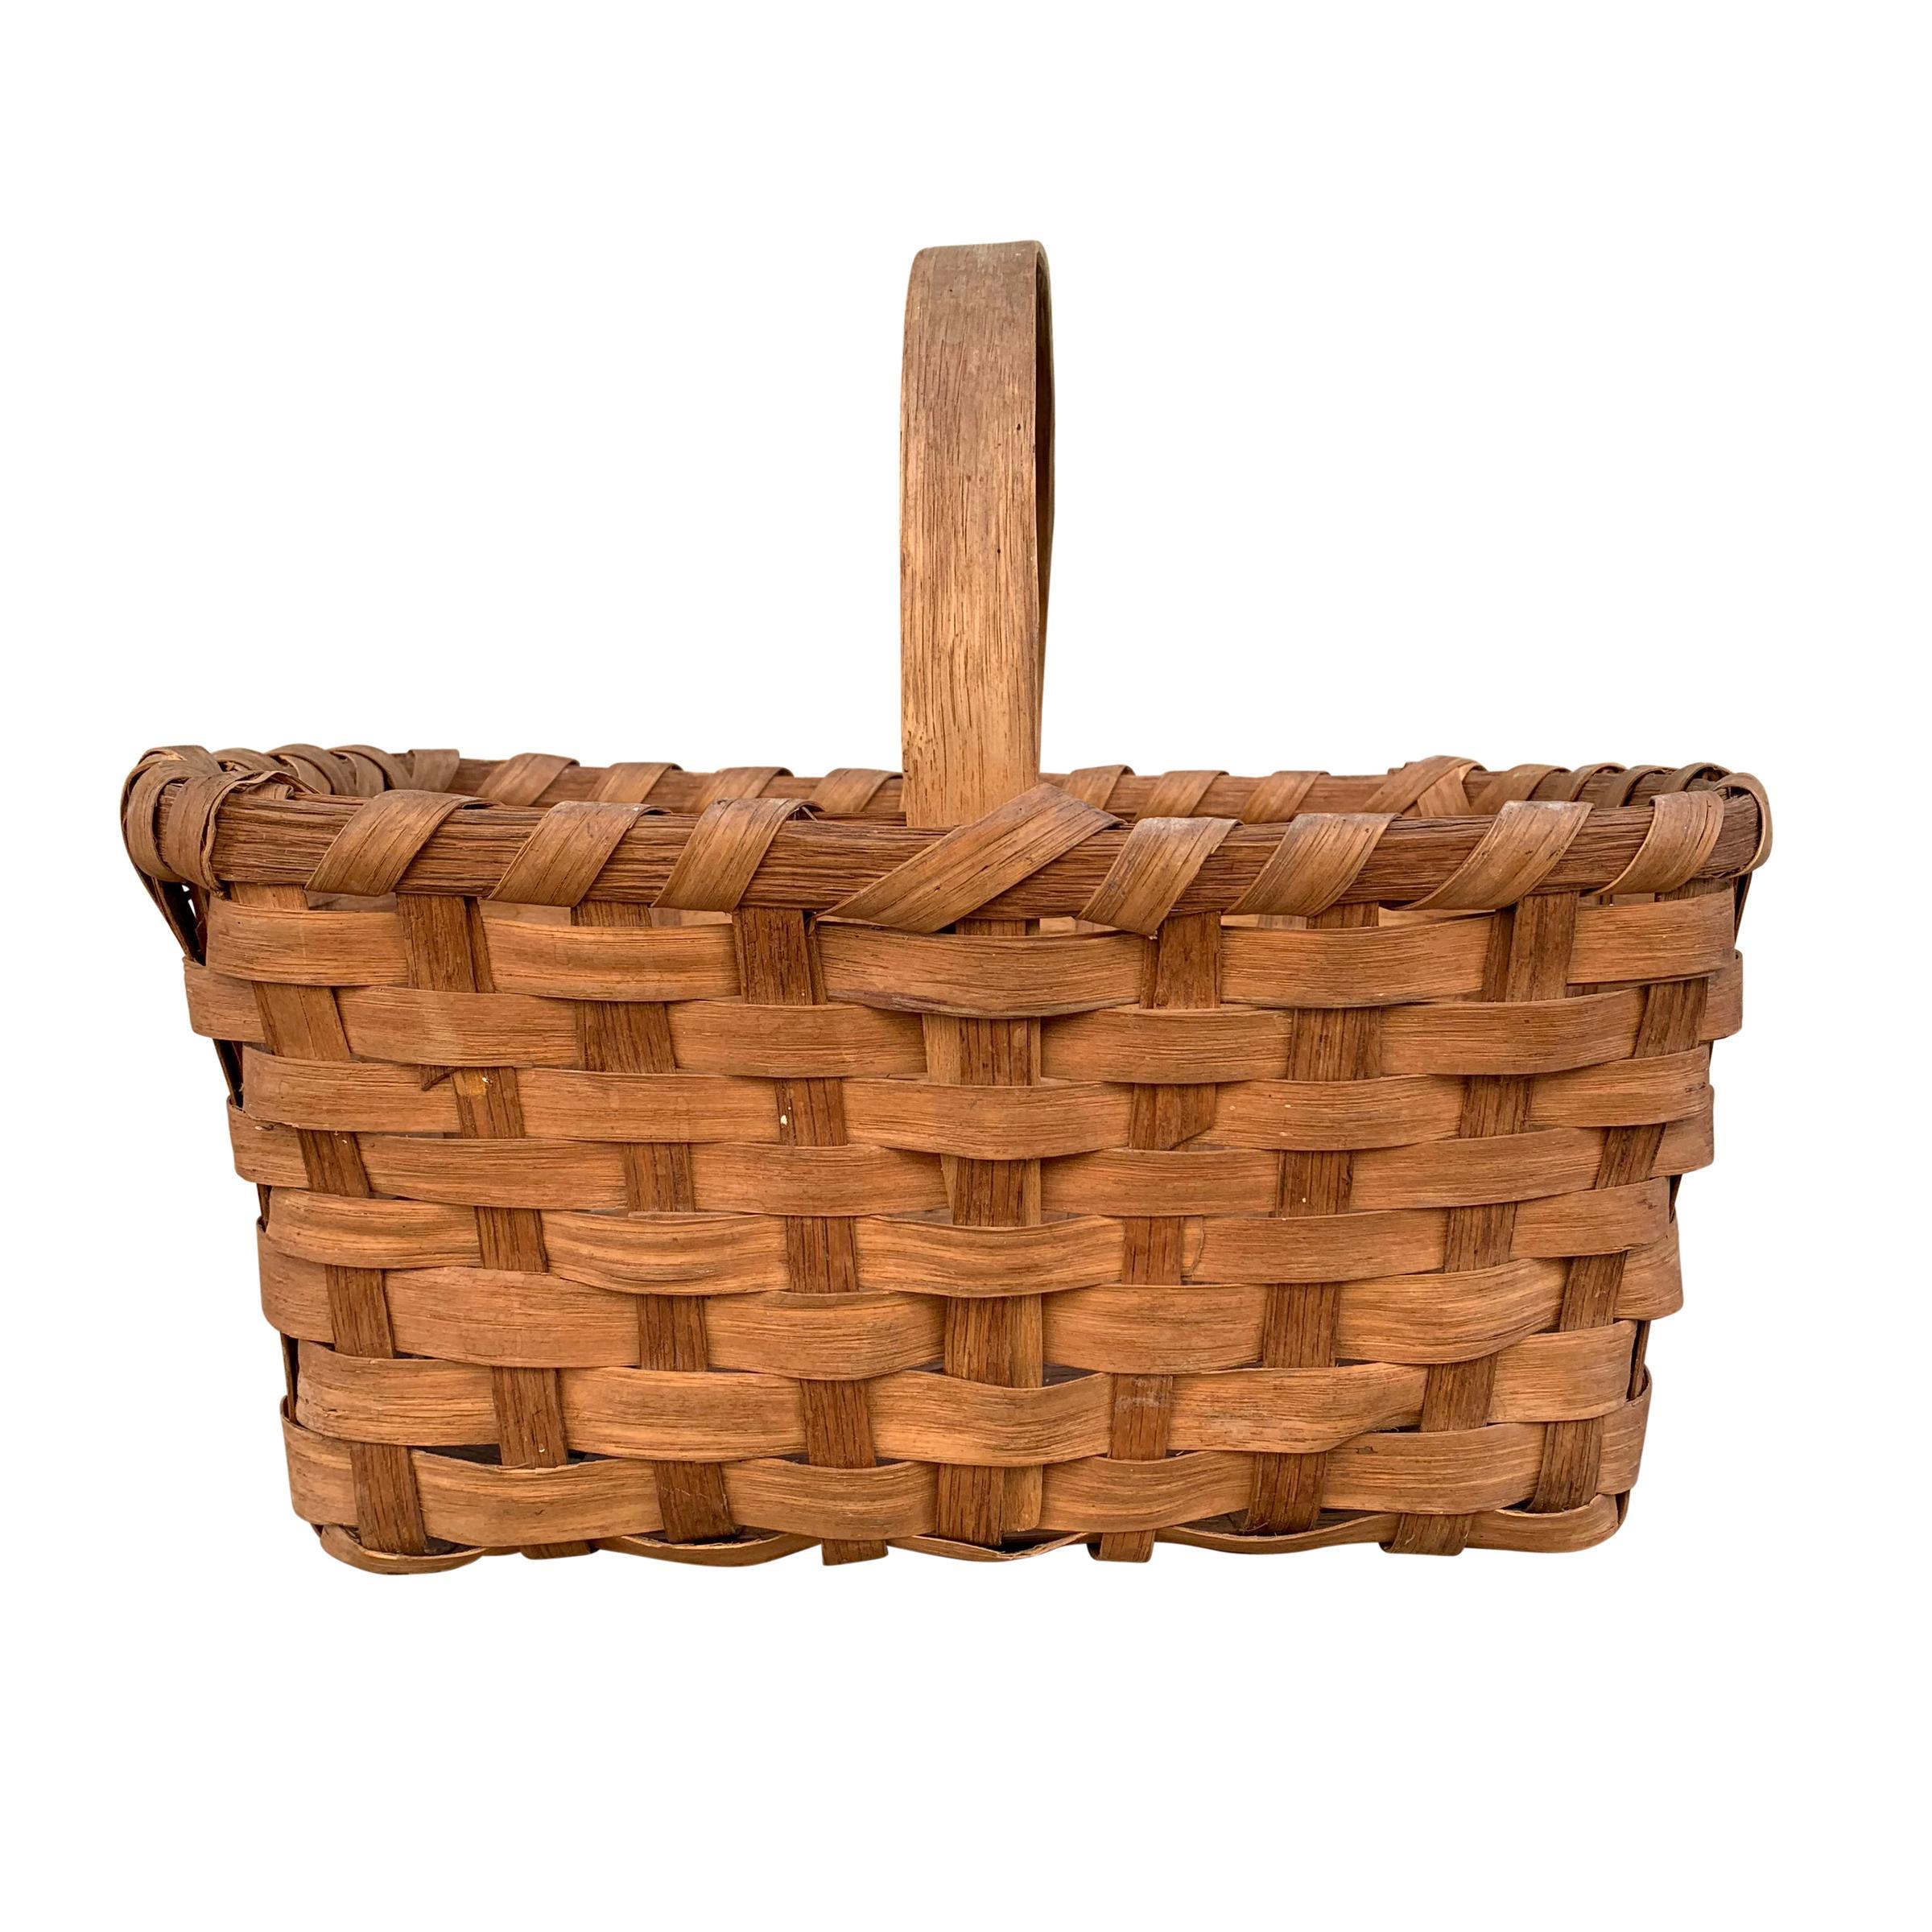 Early 20th Century American Oak Splint Gathering Basket